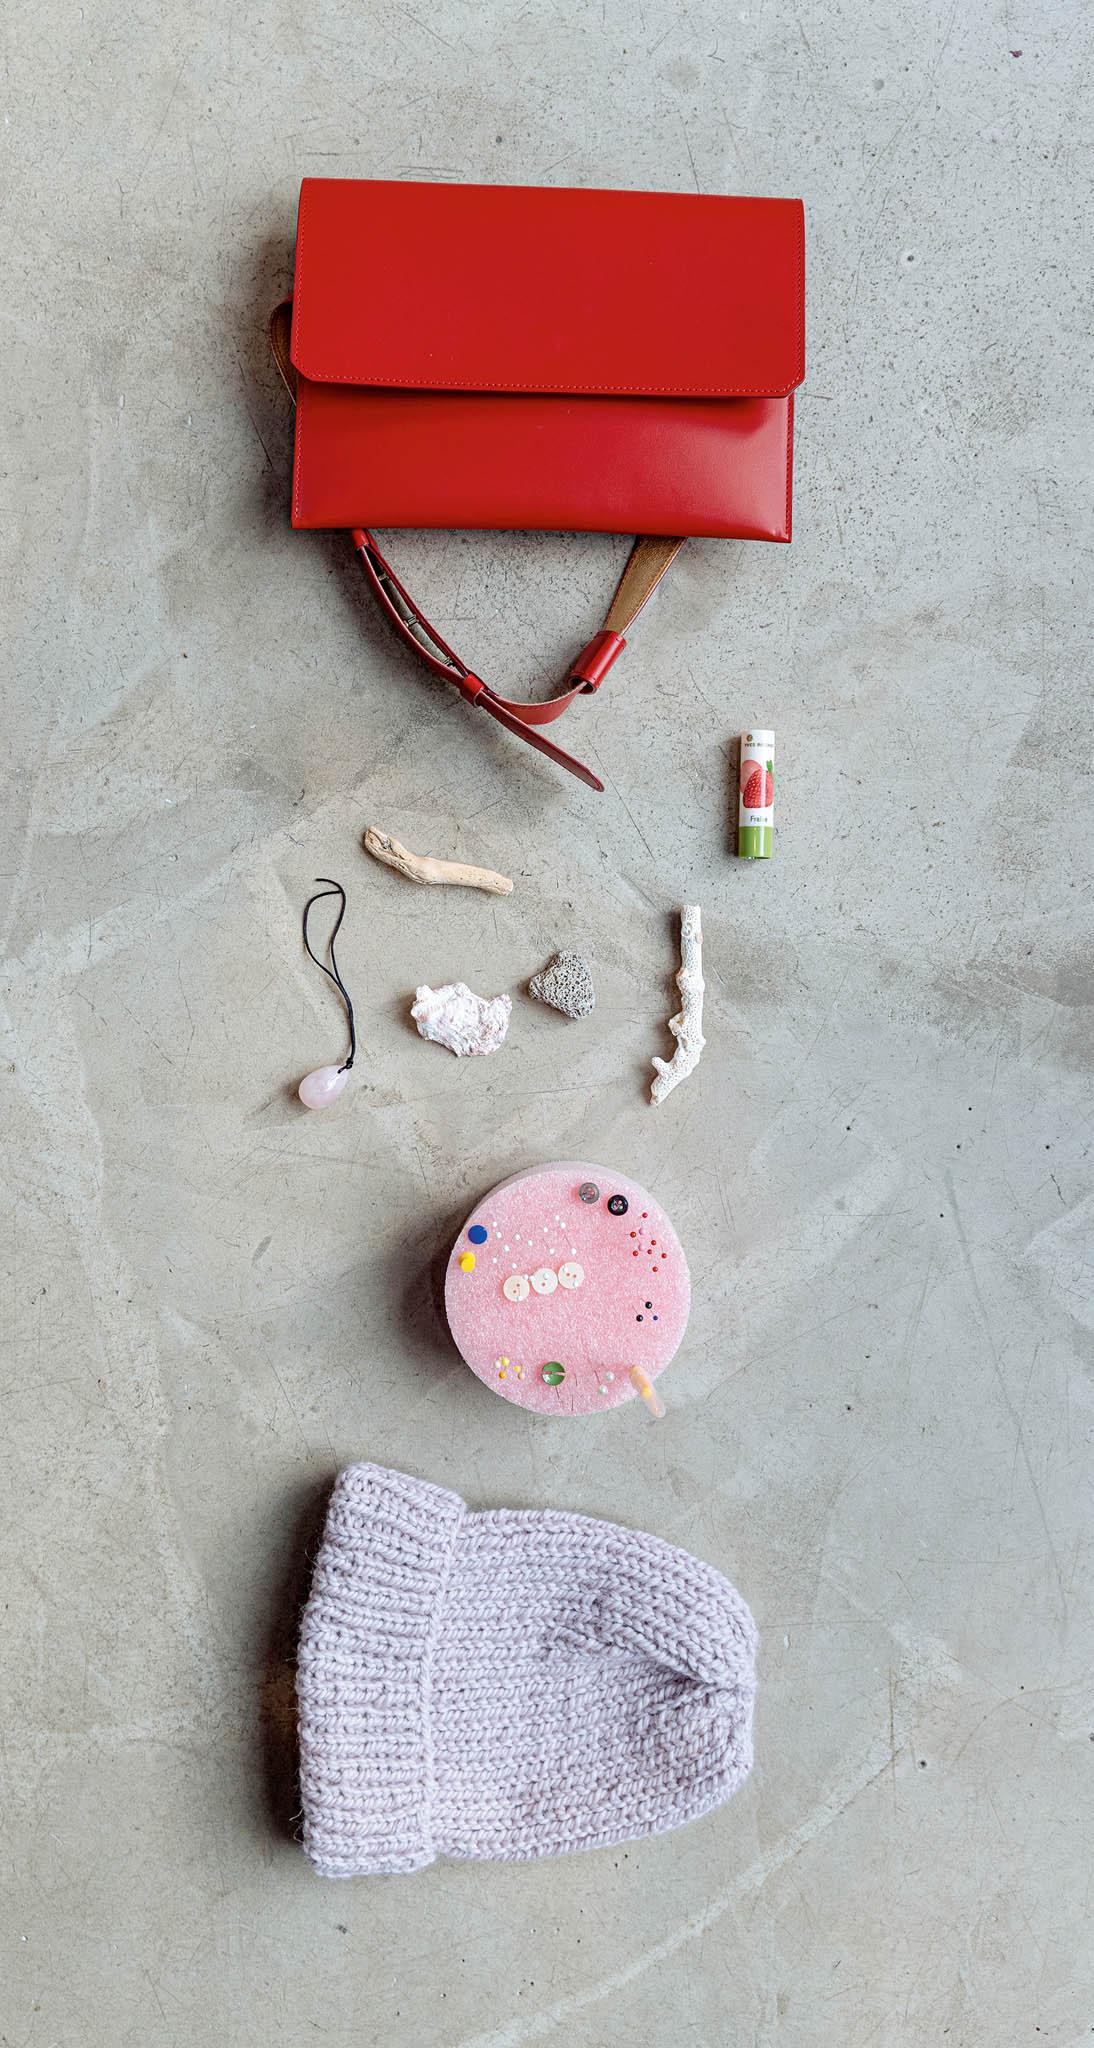 Kamínky, mušle, jehelníček, červená ledvinka, náhrdelník srůženínem, kulichy, lesk narty